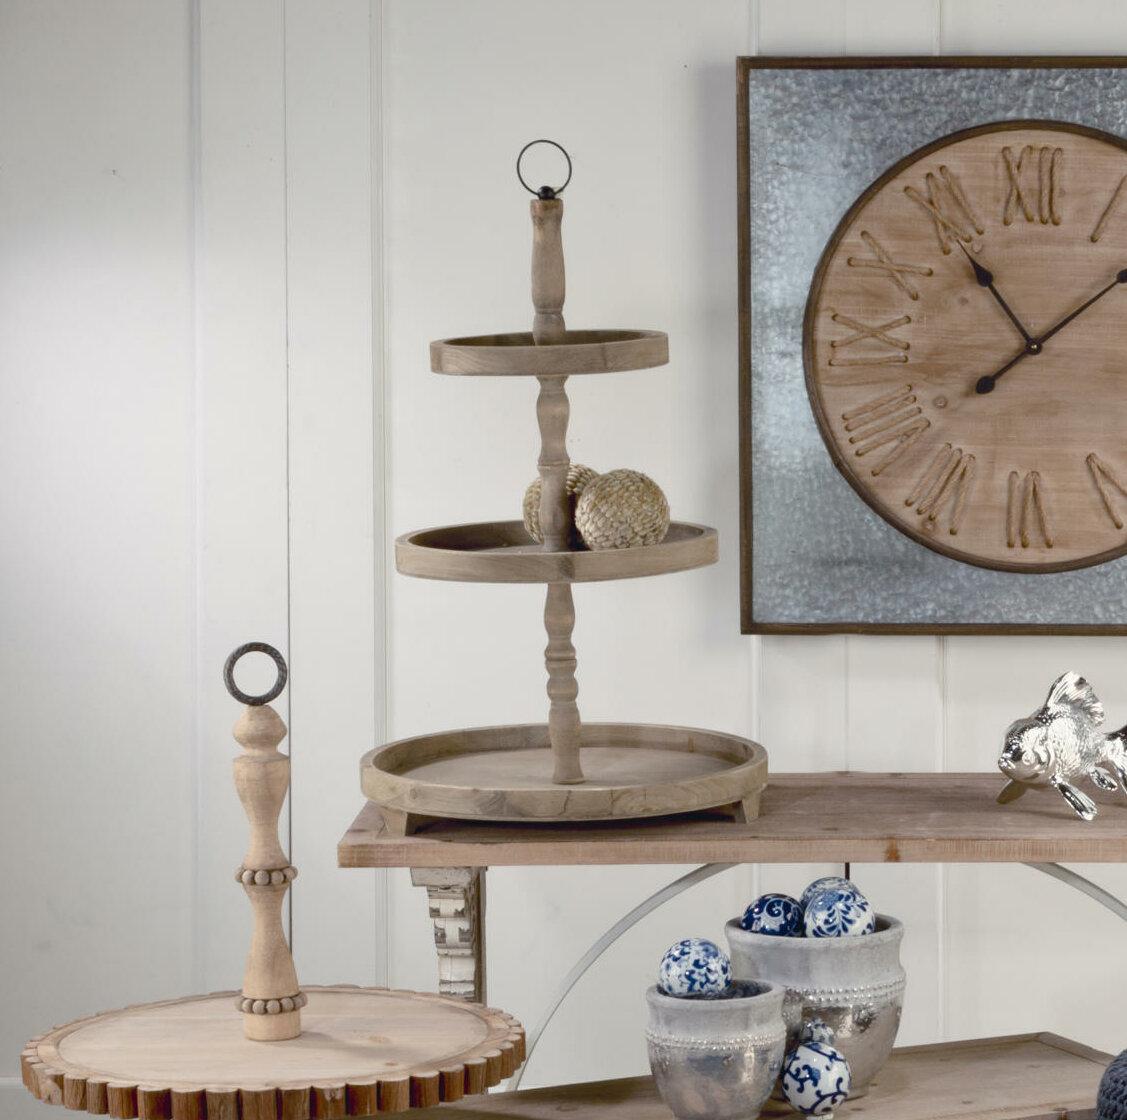 Gracie Oaks Tapley Wooden Tabletop